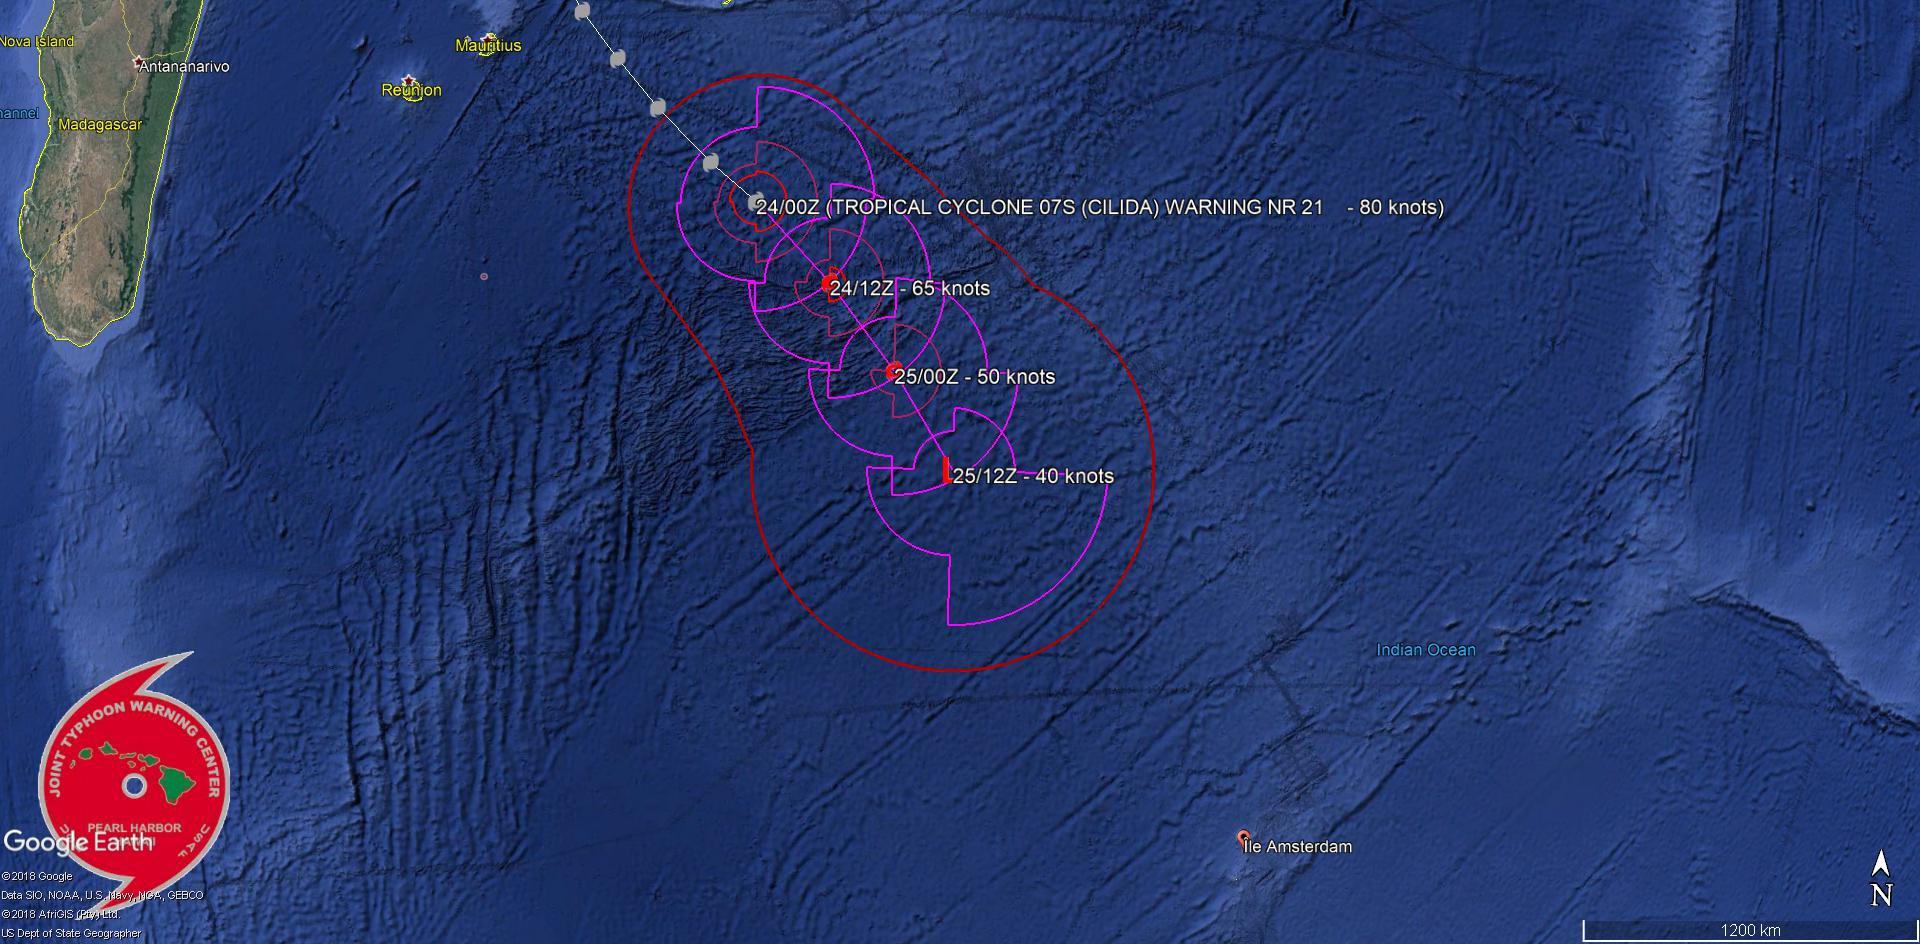 La dernière position de cette prévision de trajectoire place le système alors extra-tropical à quelques 1100km de l'île Amsterdam.